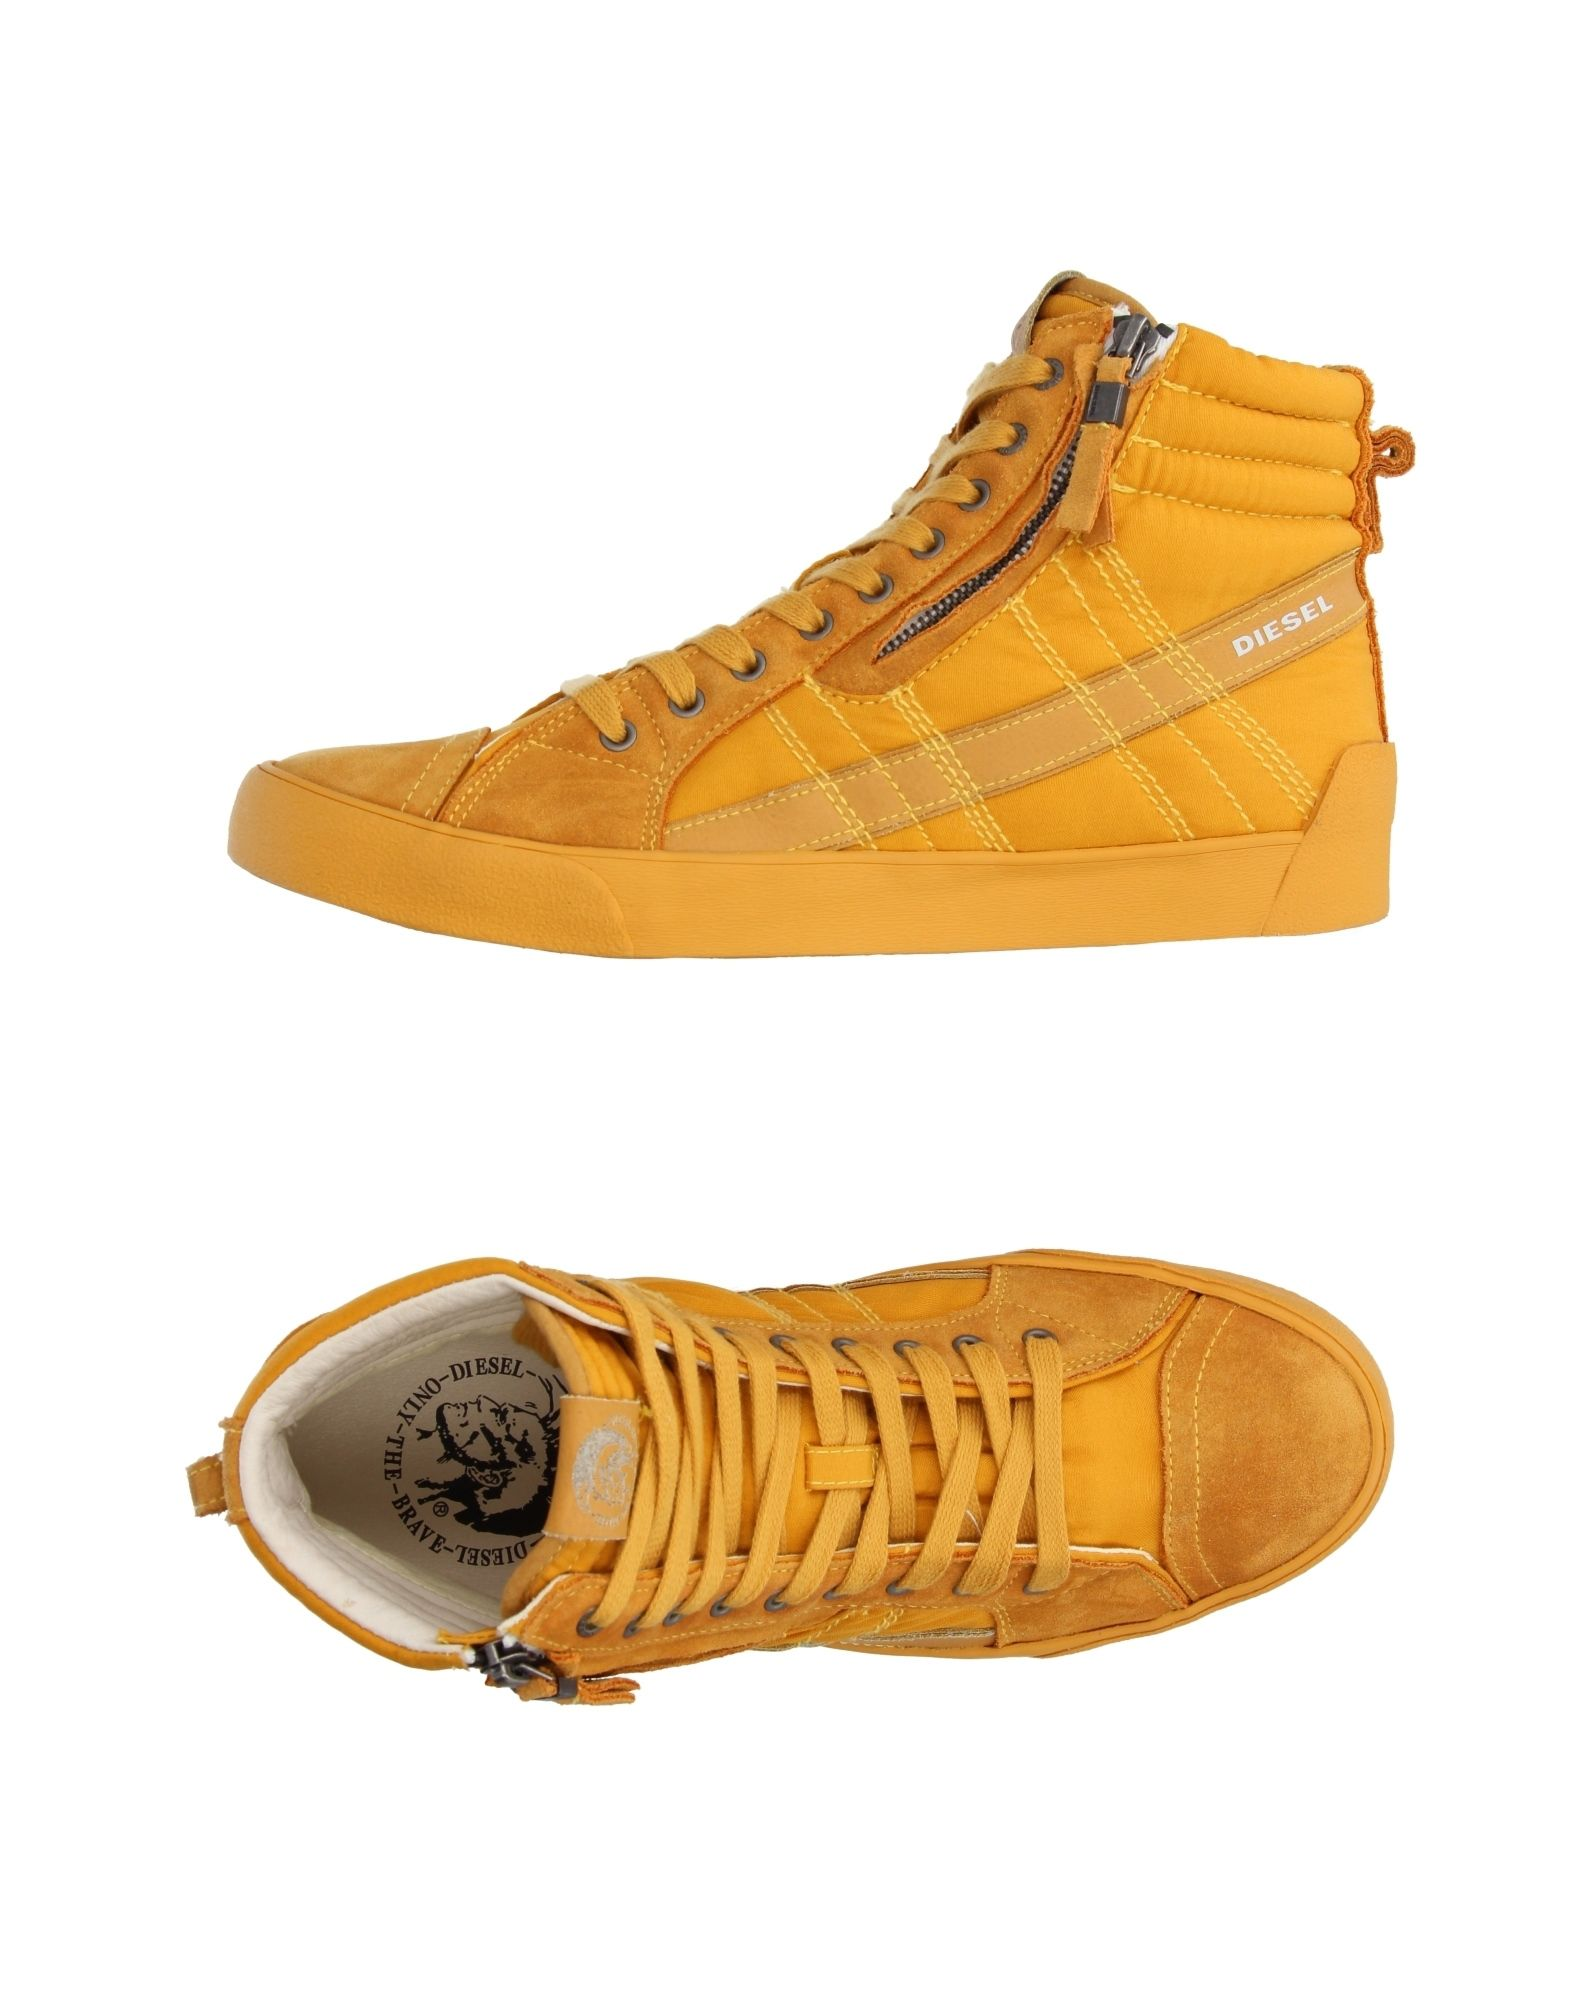 11163065FR Diesel Sneakers Herren  11163065FR  Heiße Schuhe 99cba1